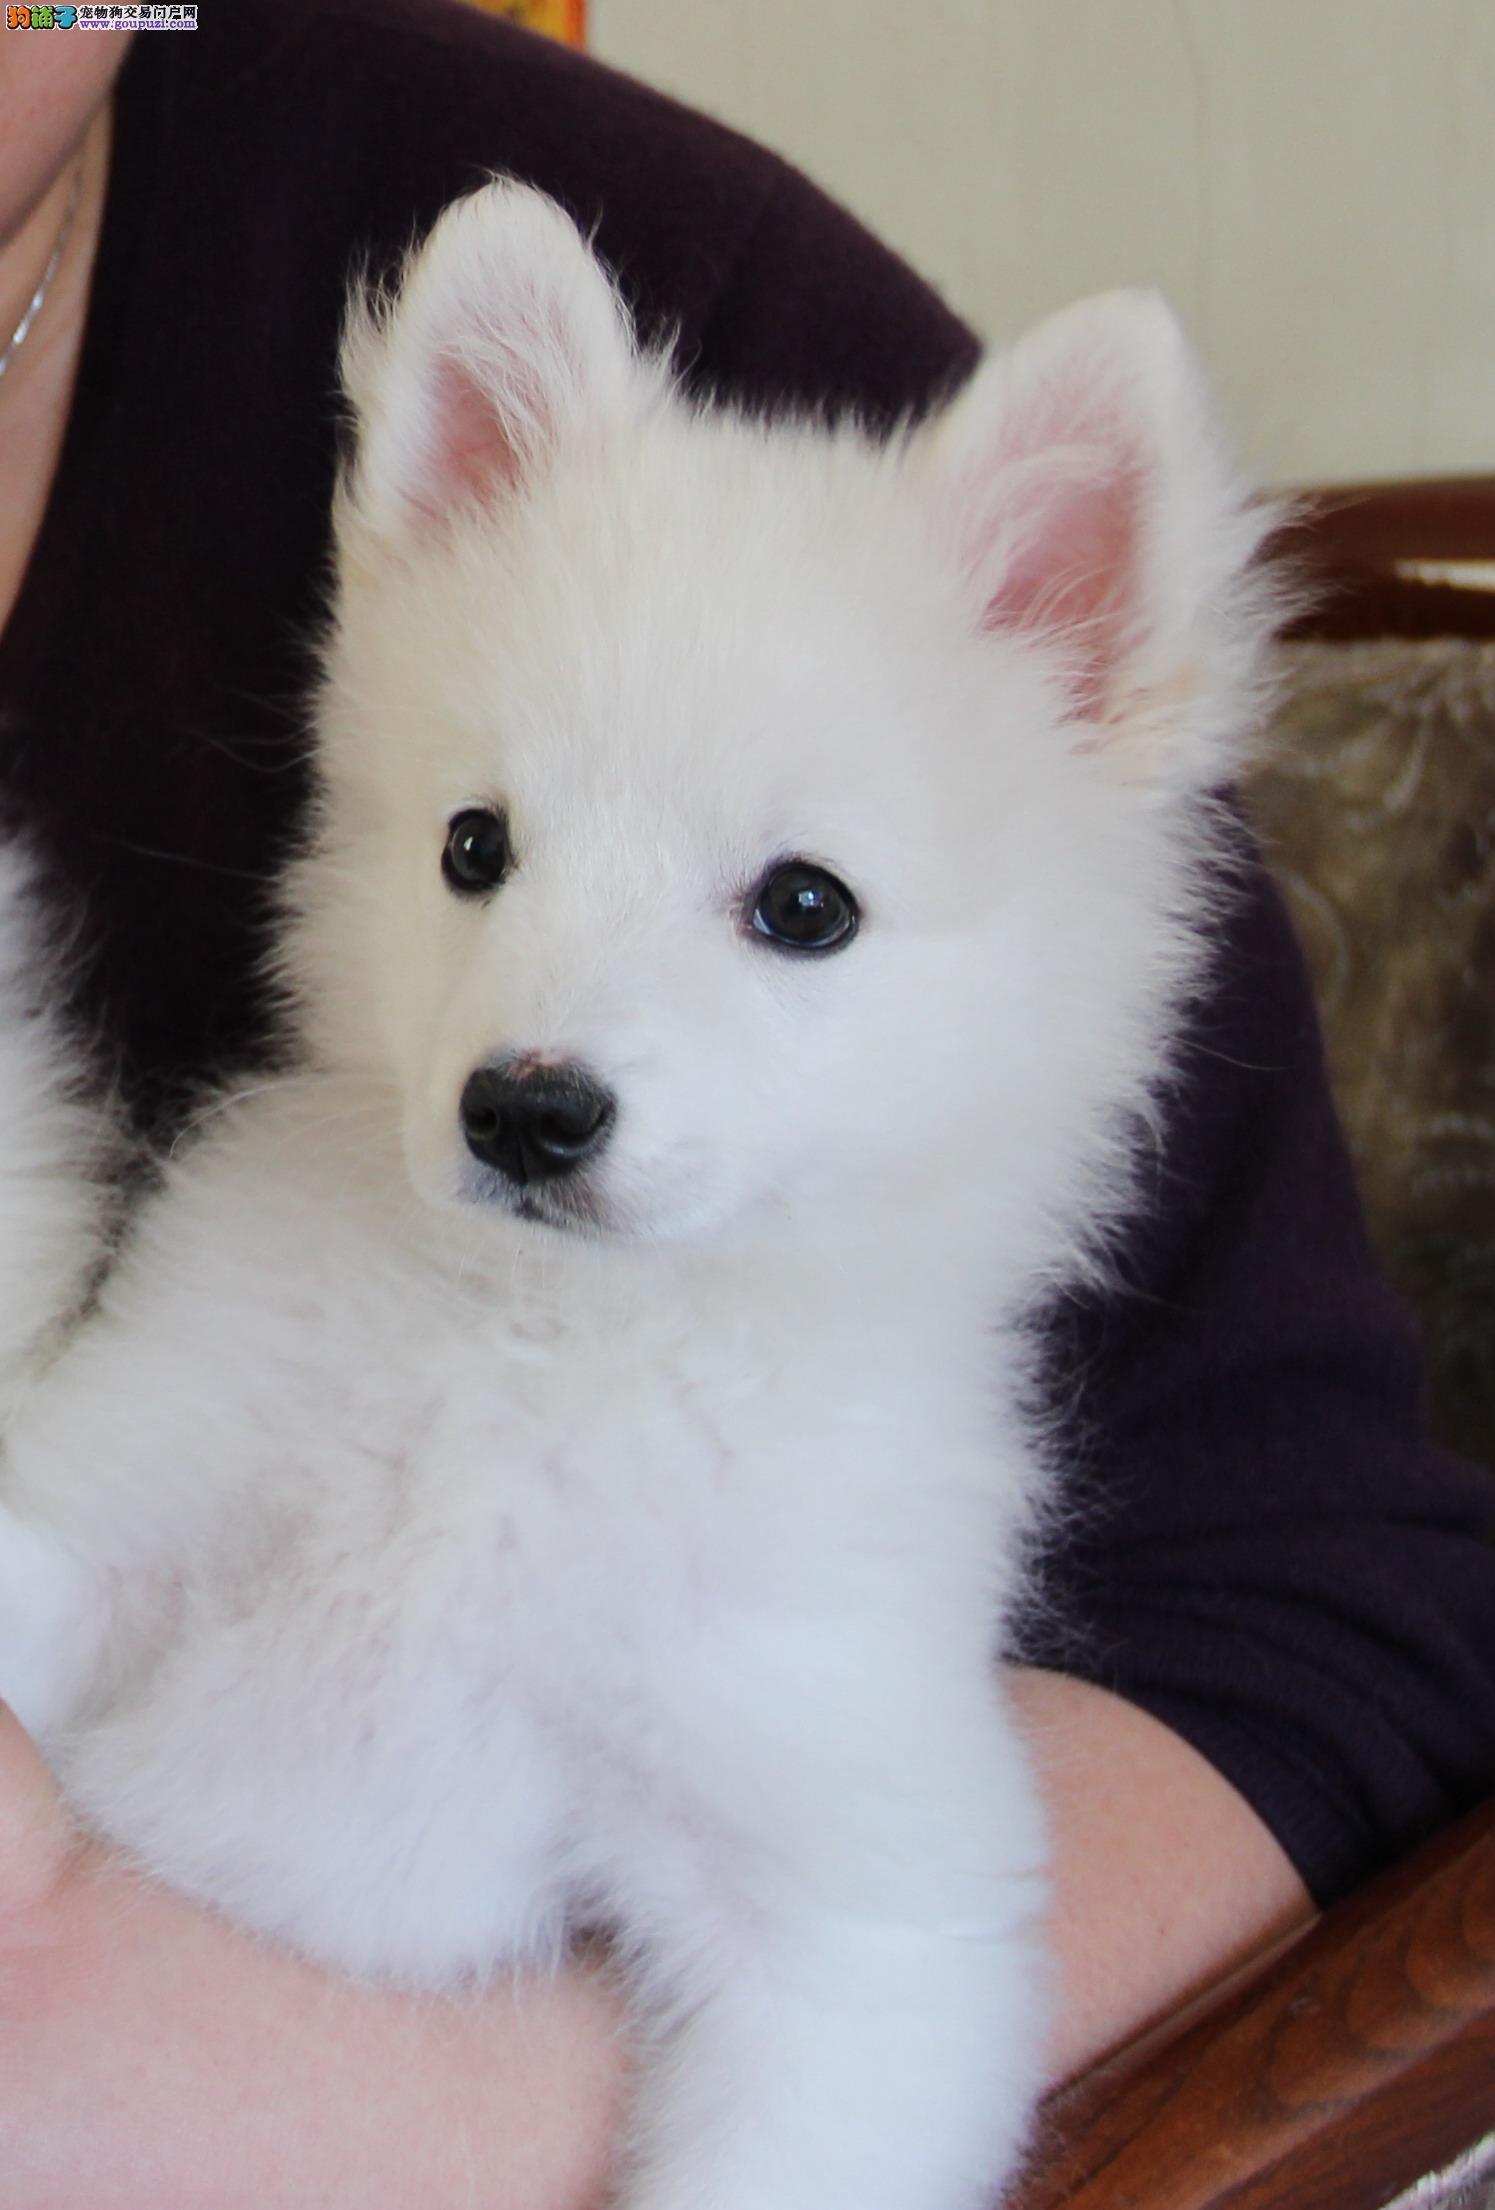 自家繁殖日本银狐小犬、找个爱犬人士、求购、、、